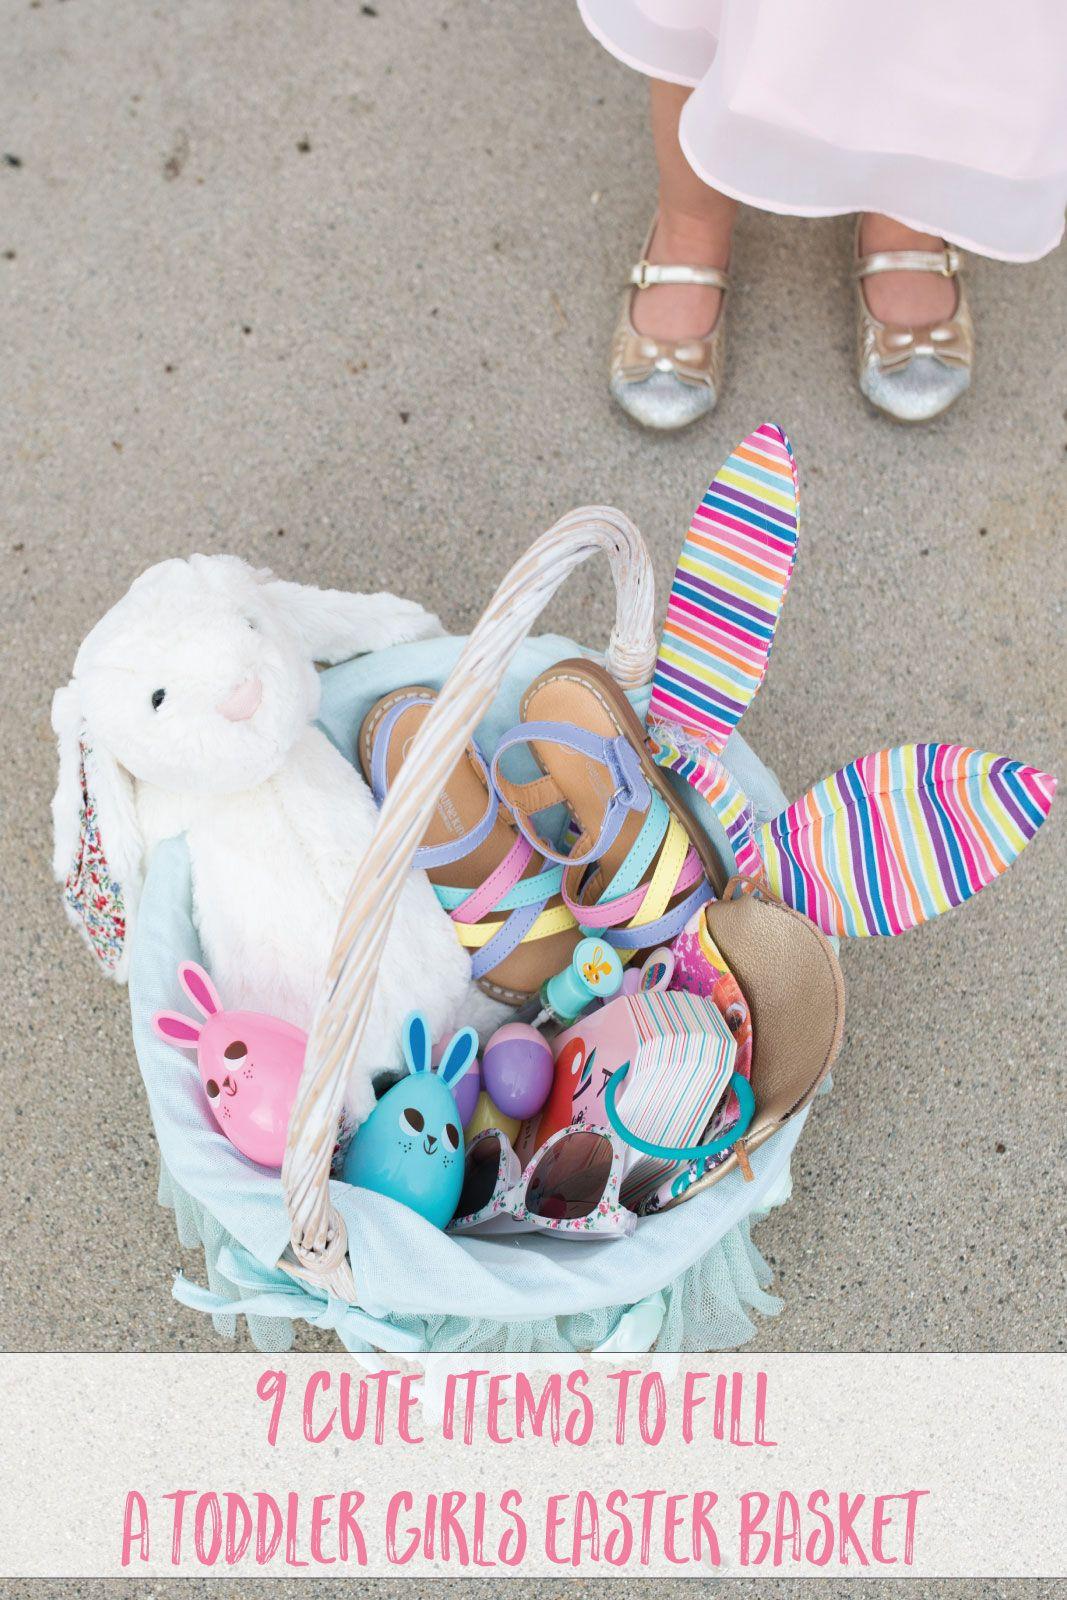 9 ideas for toddler girls easter basket easter baskets